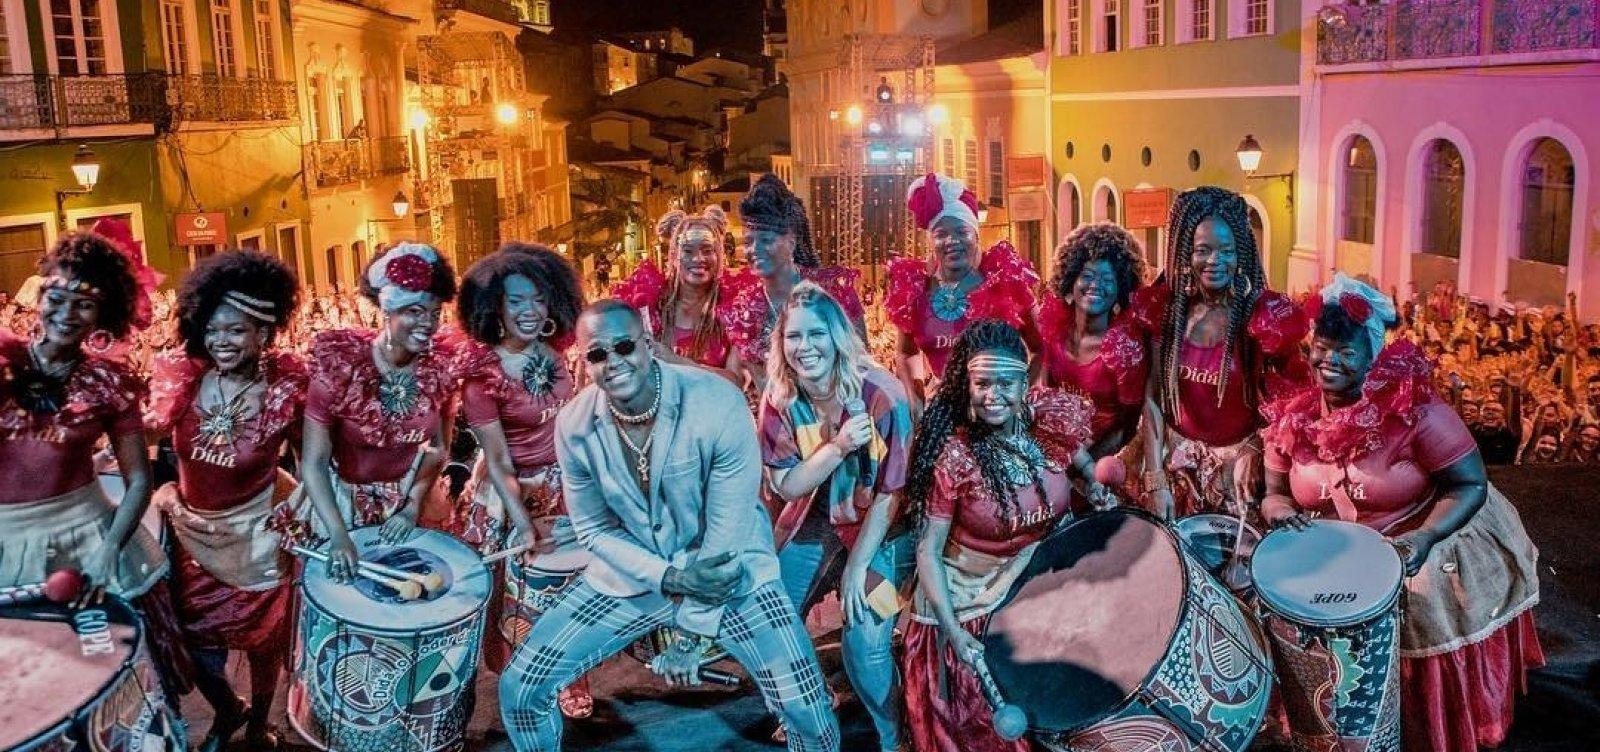 Marília Mendonça leva multidão ao Pelourinho em show 'surpresa'